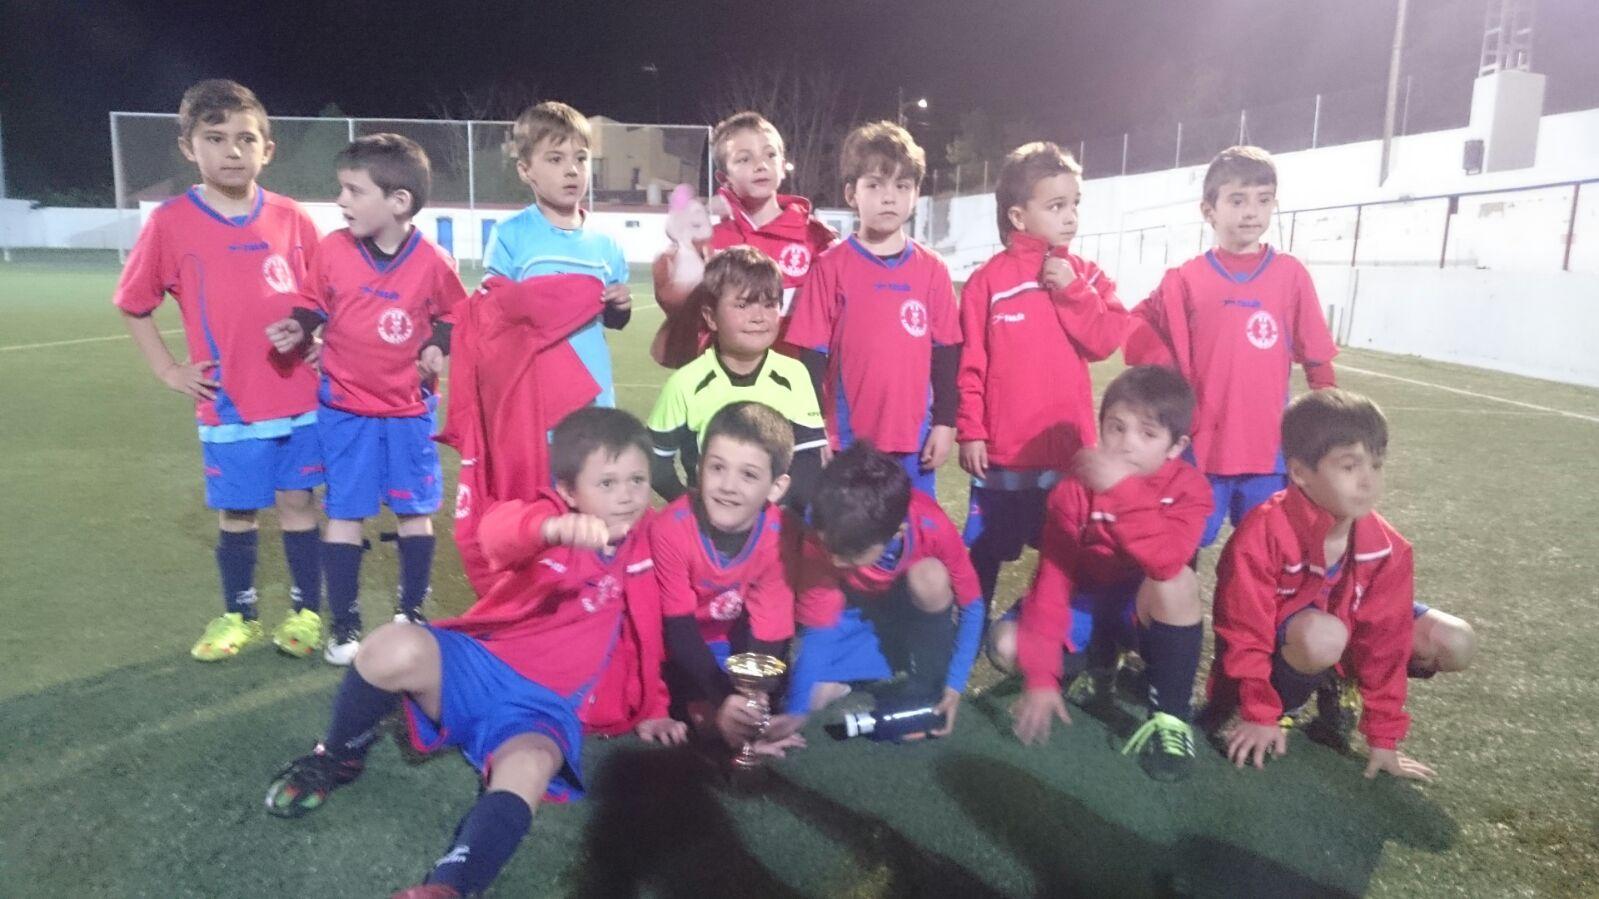 El equipo de fútbol prebenjamín alcanza el subcampeonato en un Torneo de Fútbol